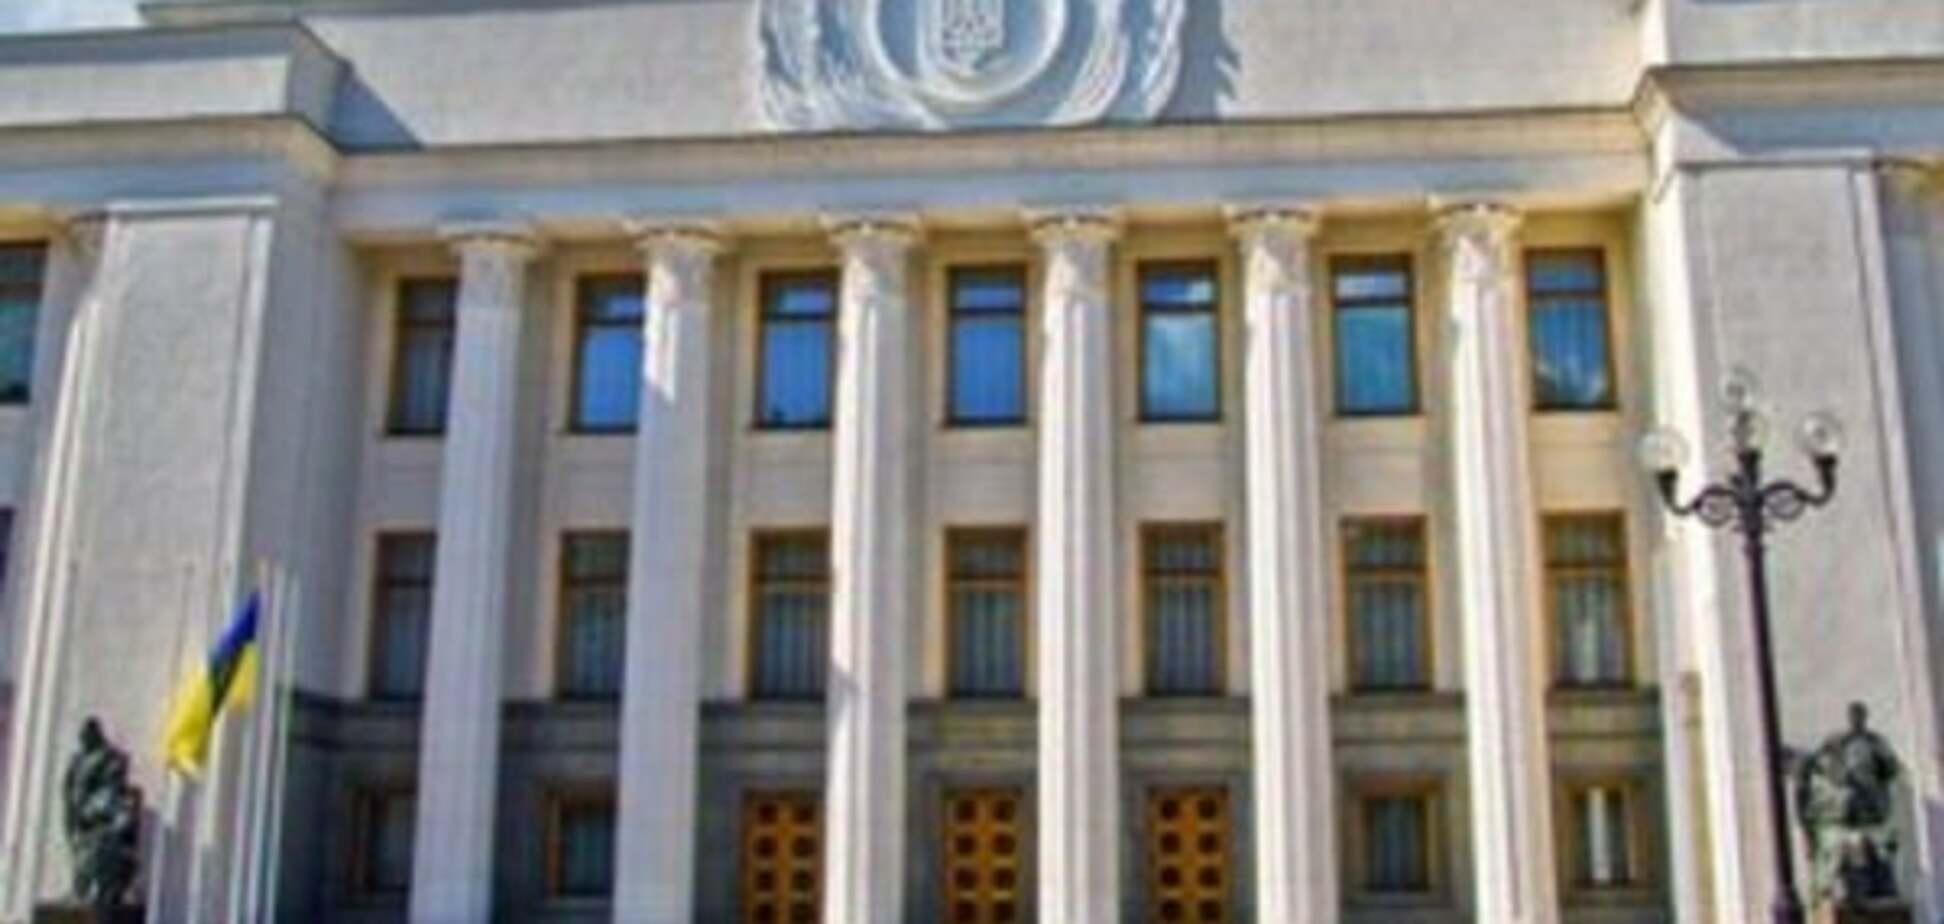 Коли буде розкрита найбільша політична таємниця України?